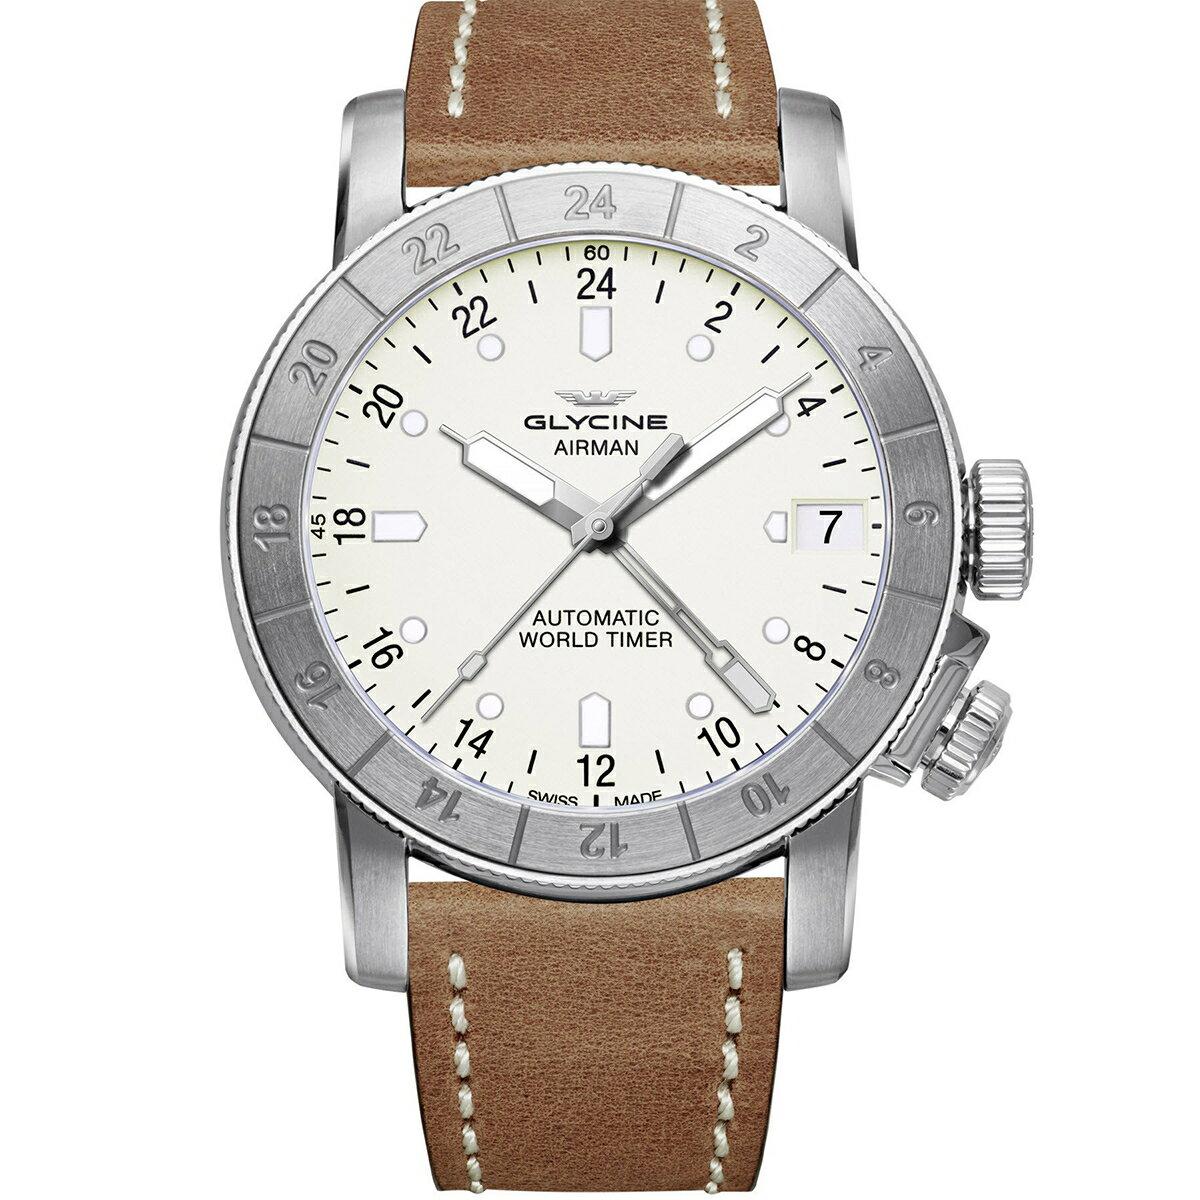 グライシン グリシン GLYCINE エアマン AIRMAN 46 GL0058 メンズ 時計 腕時計 自動巻き オートマチック スイス製 スイスメイド ワールドタイム表示